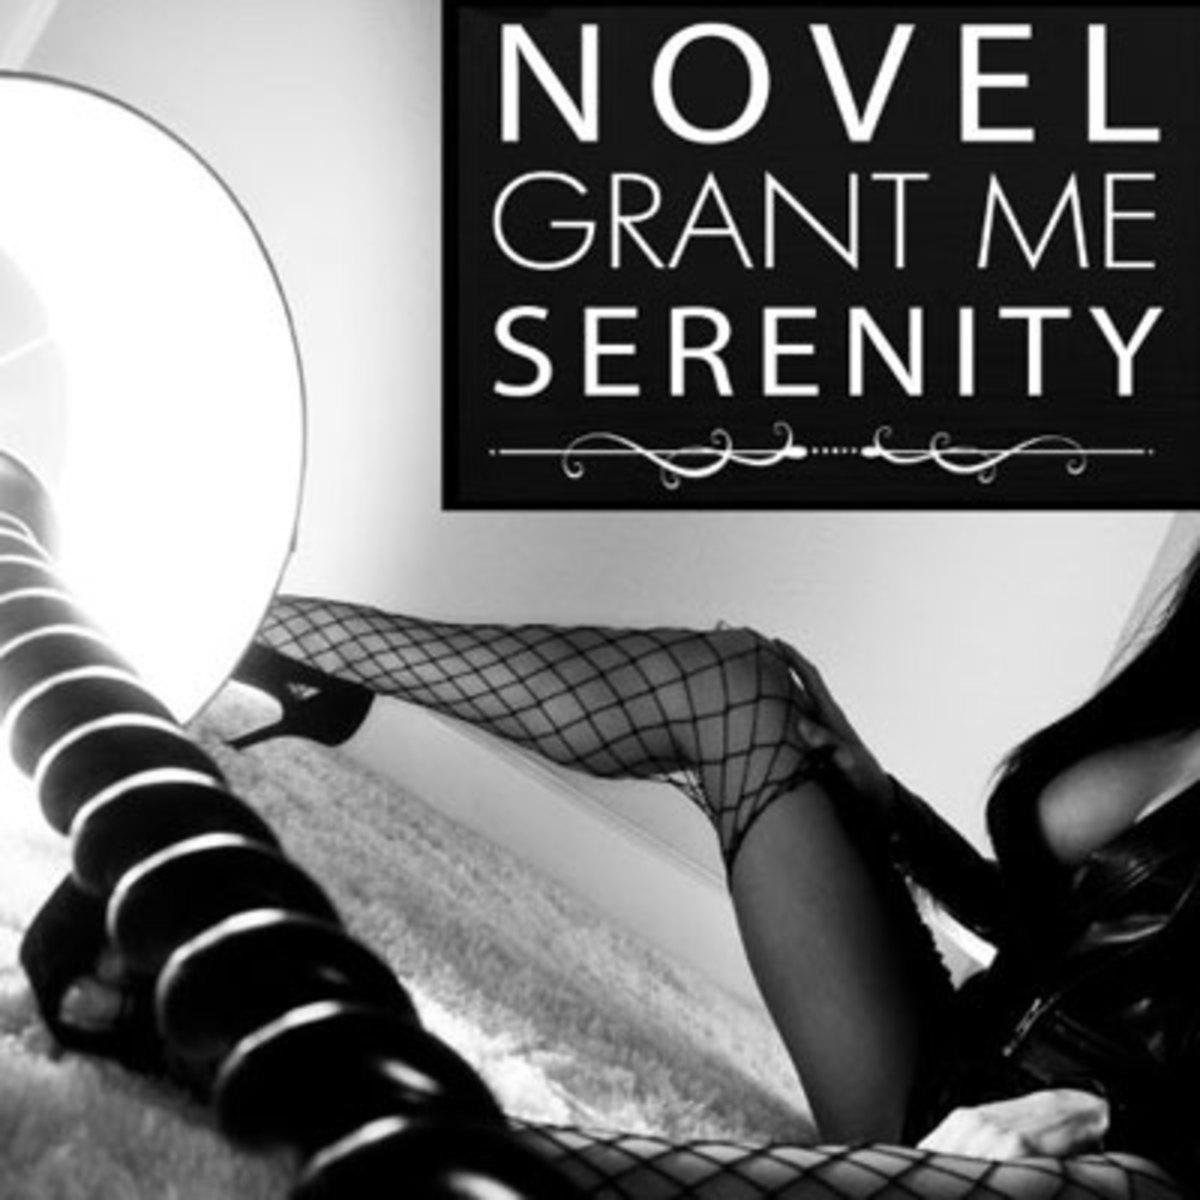 novel-grantmeserenity.jpg